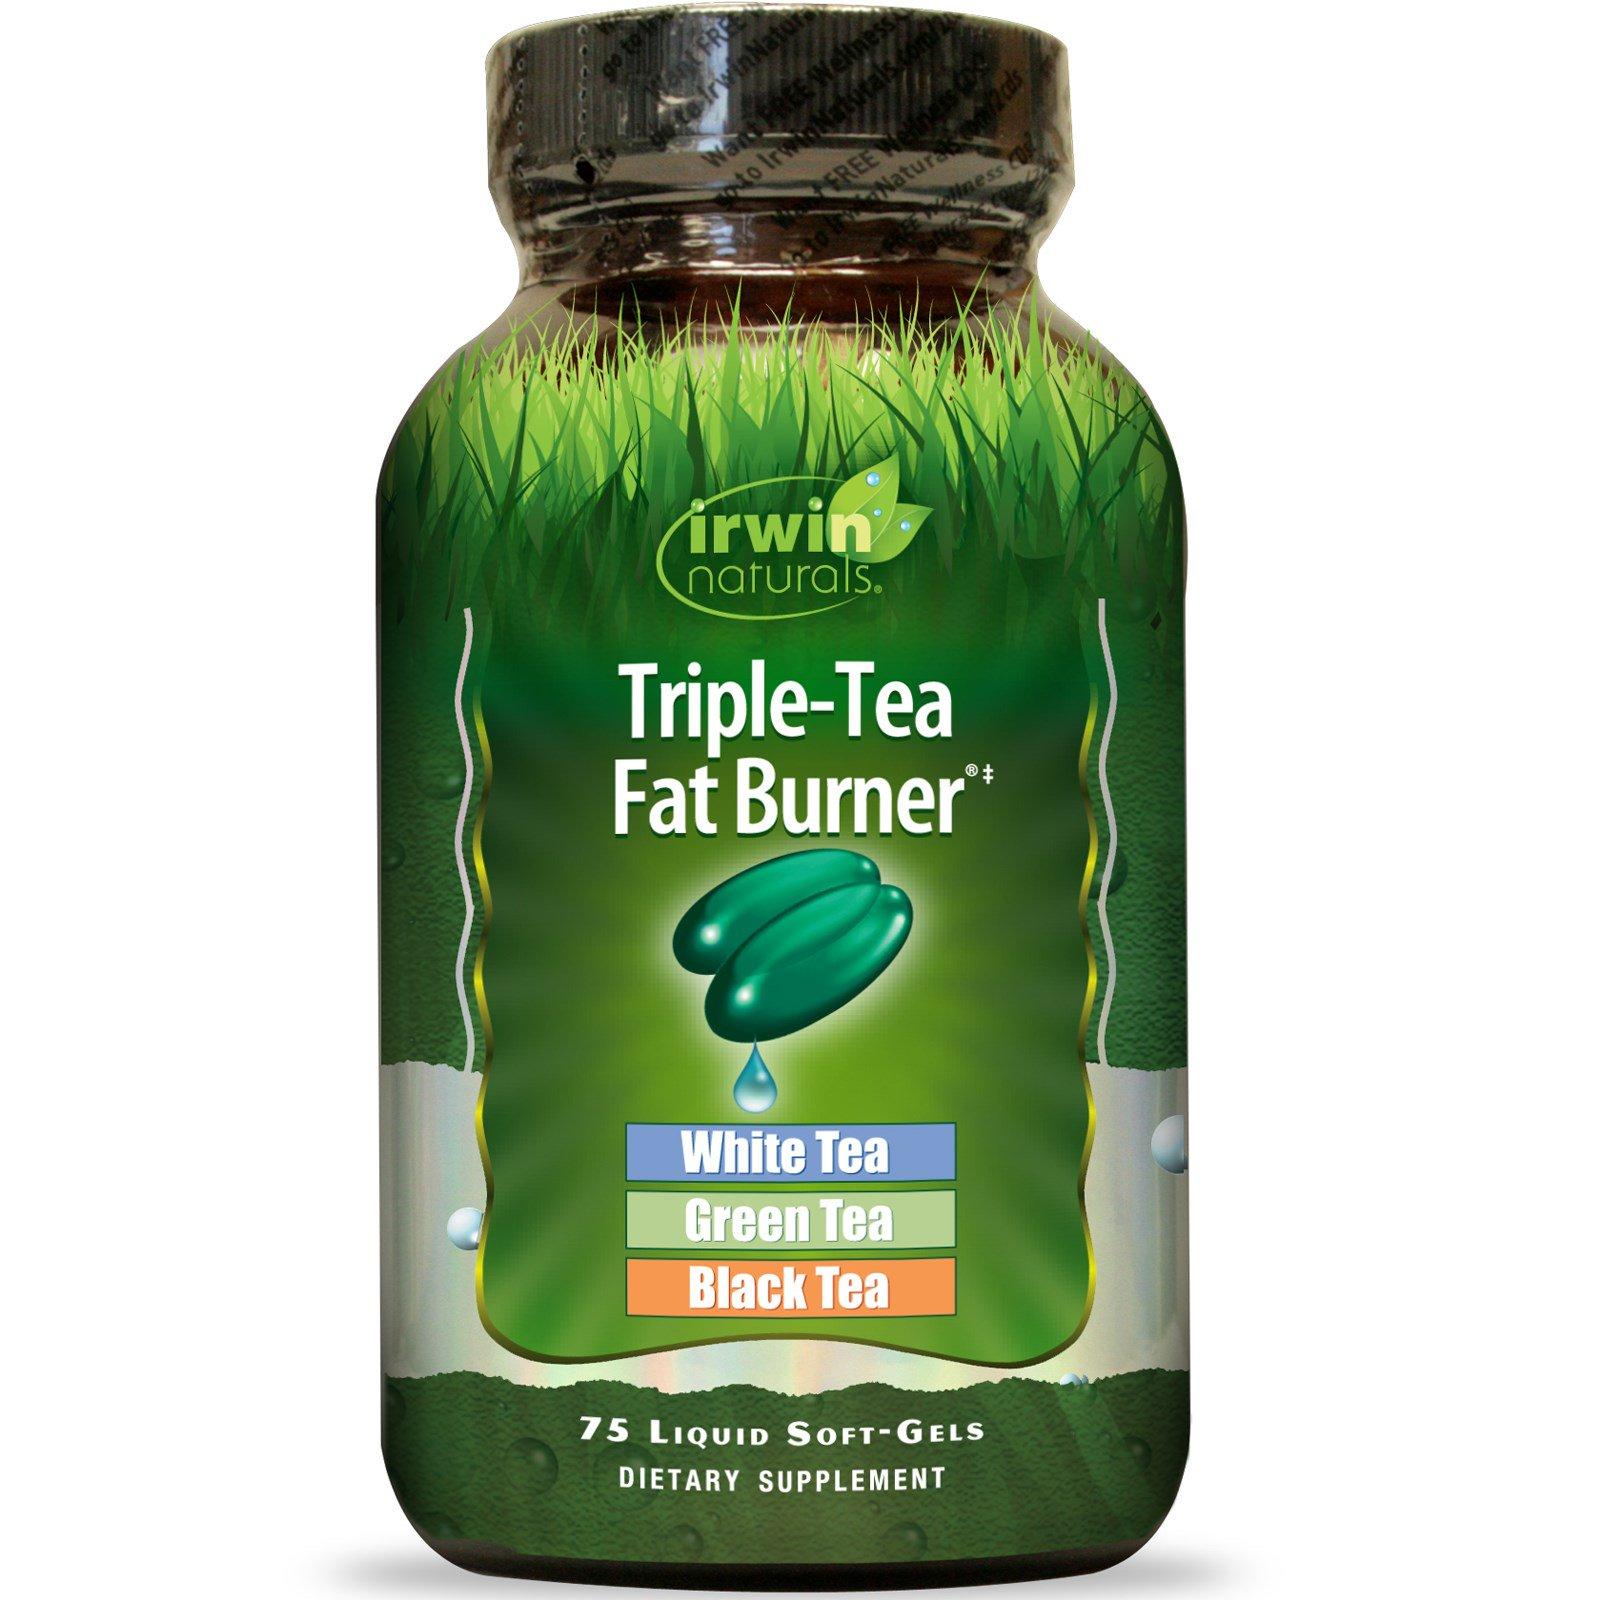 Irwin Naturals Triple Fat Burner Kas kulla standardvada poleb rasva